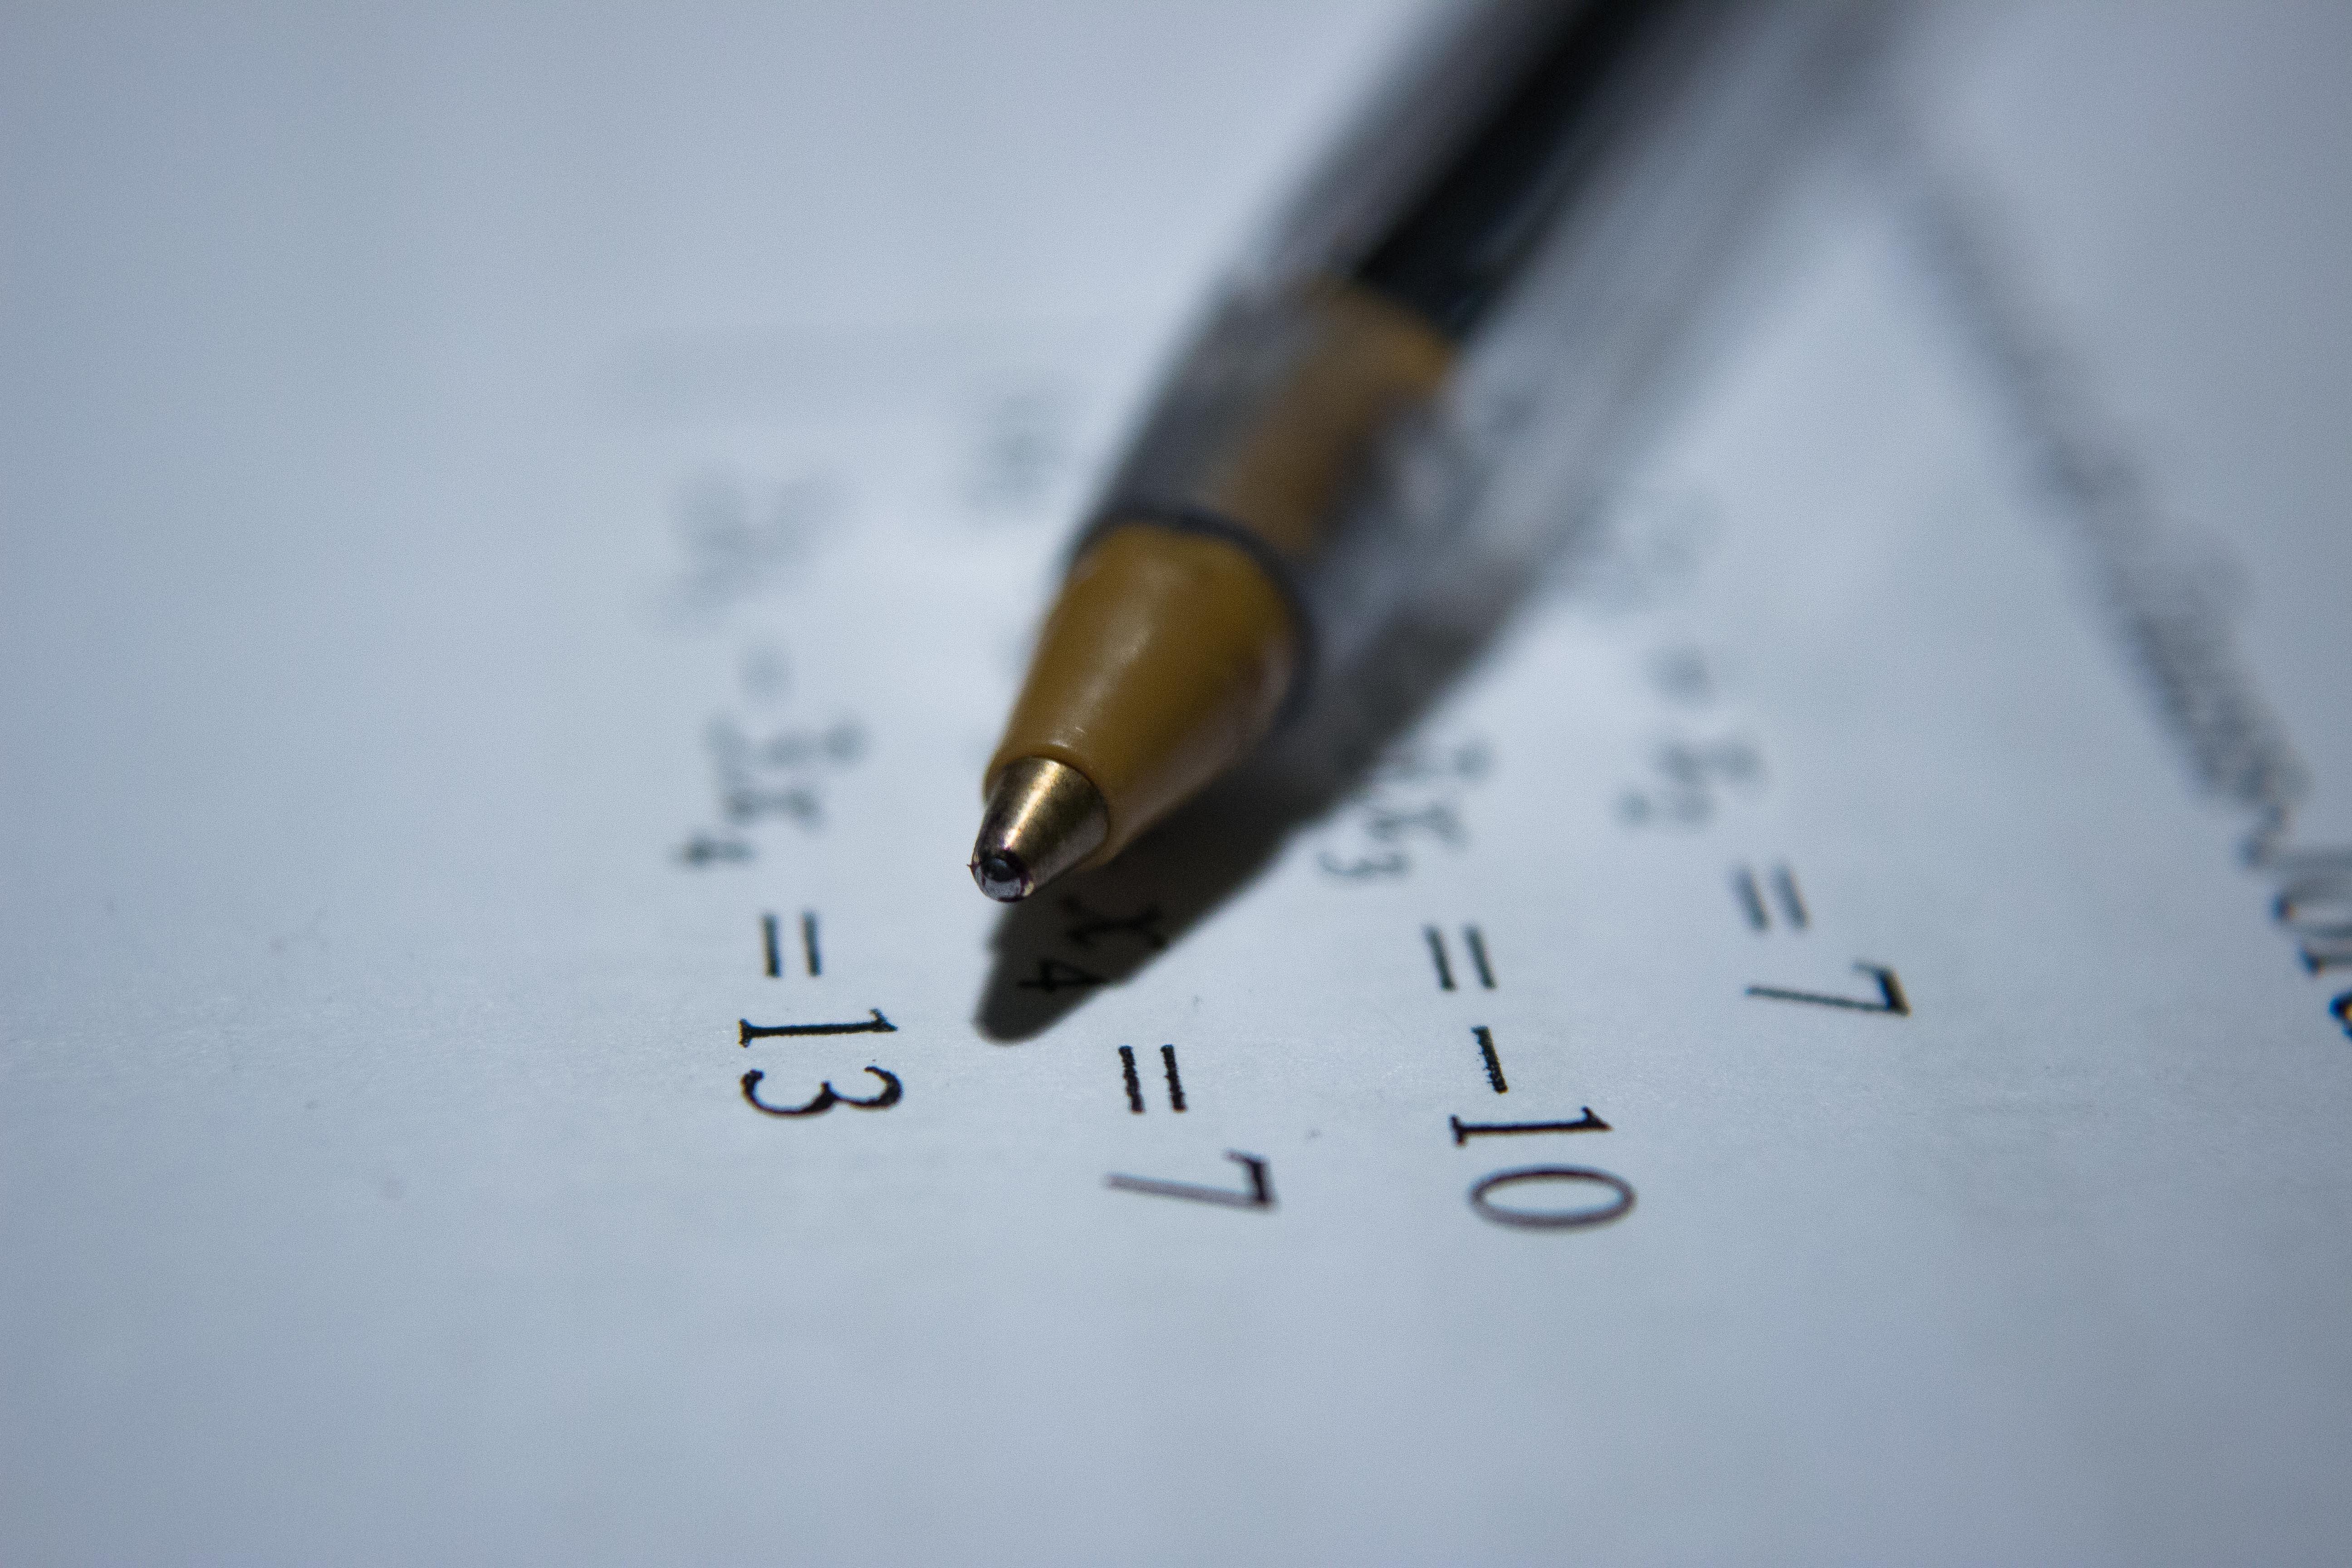 Un stylo bic posé sur une feuille avec des équations mathématique